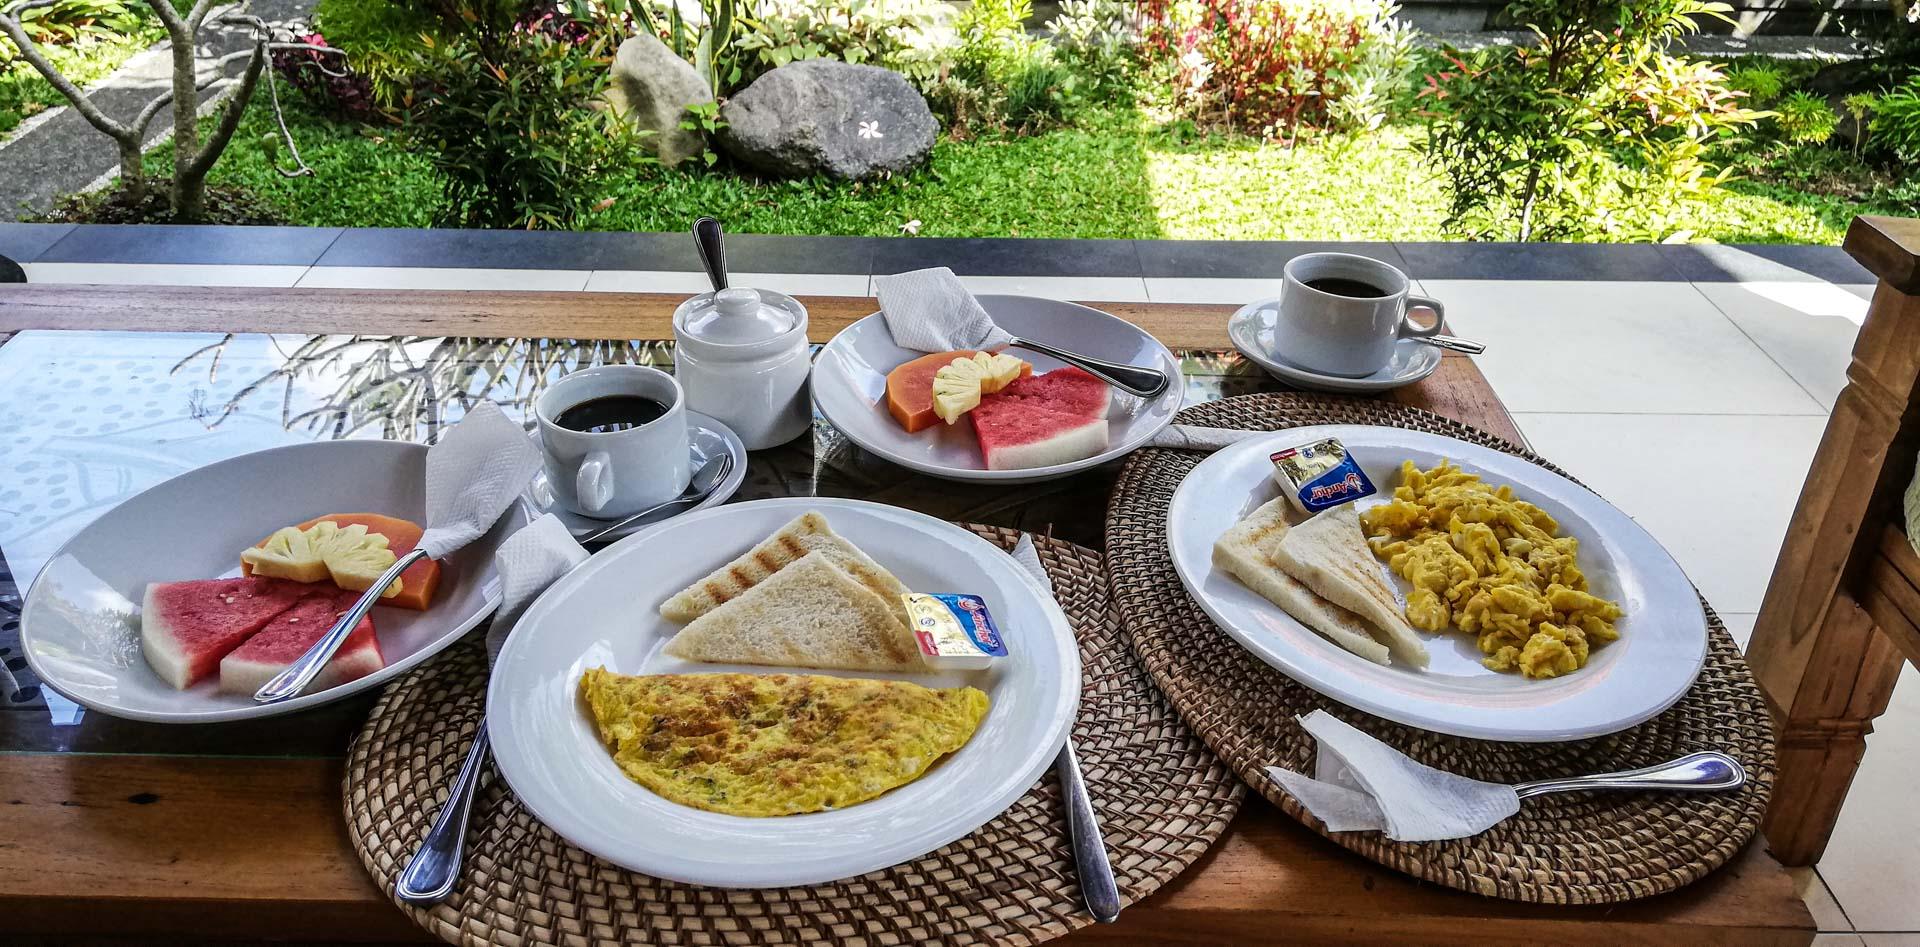 Desayuno en Nang Ade House, nuestro alojamiento en Ubud, Bali